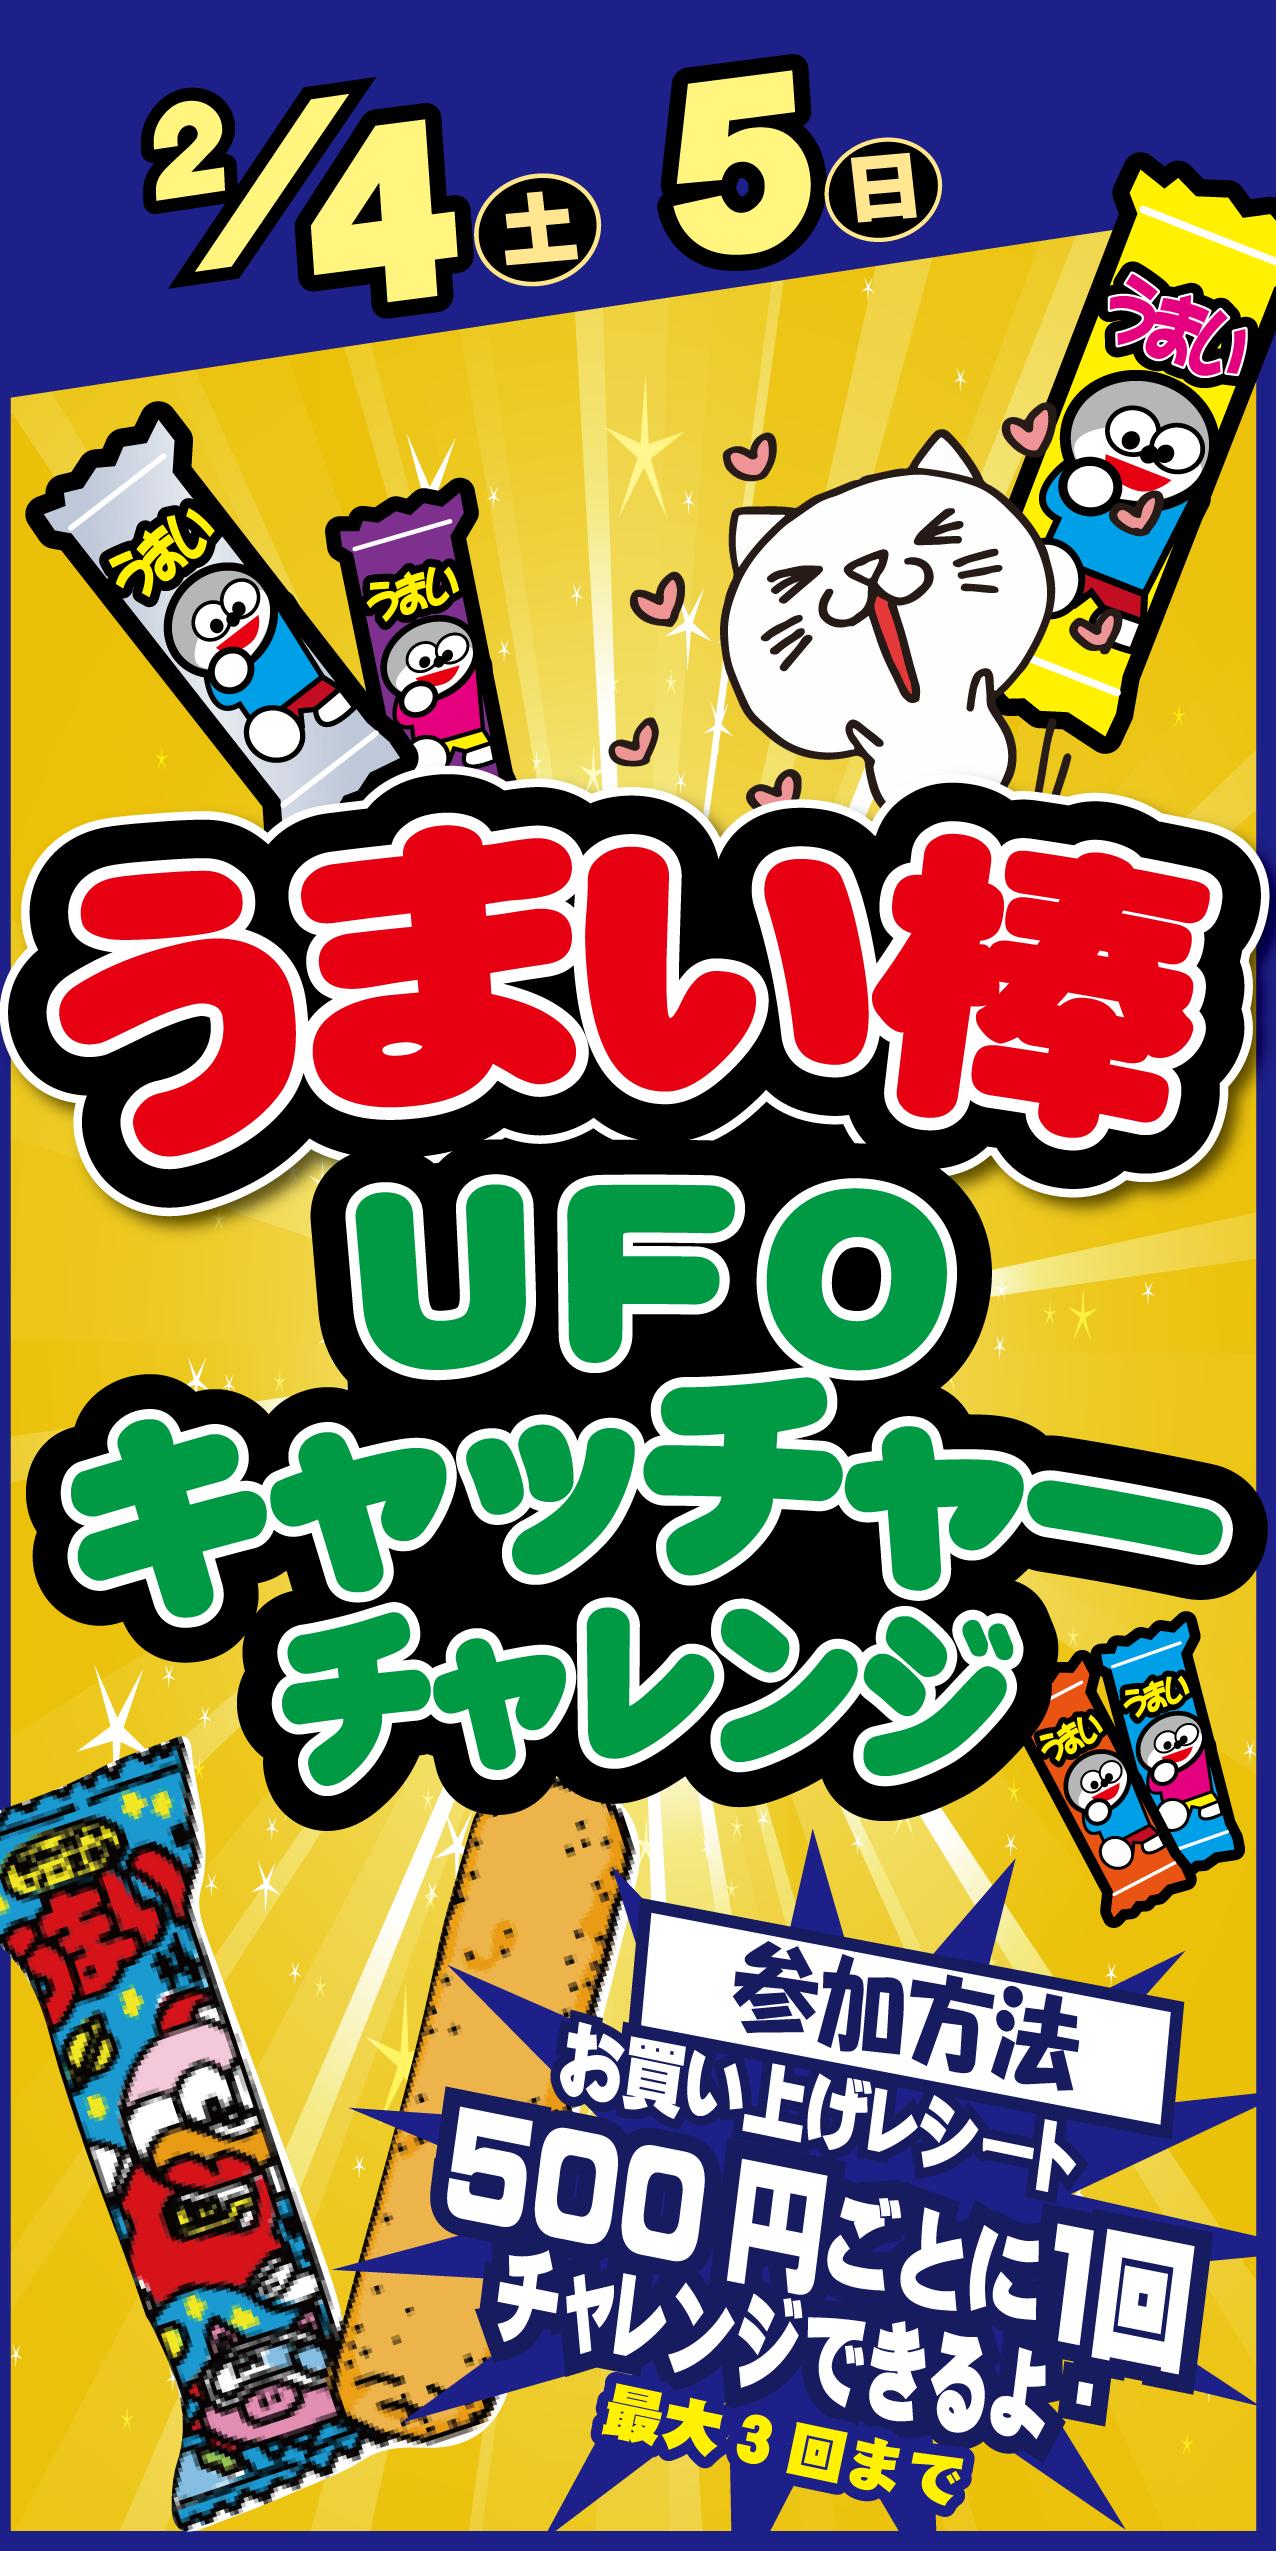 「開放倉庫桜井店」2017年2月4、5日の土曜日と日曜日2日間は!うまい棒UFOキャッチャーチャレンジ!!